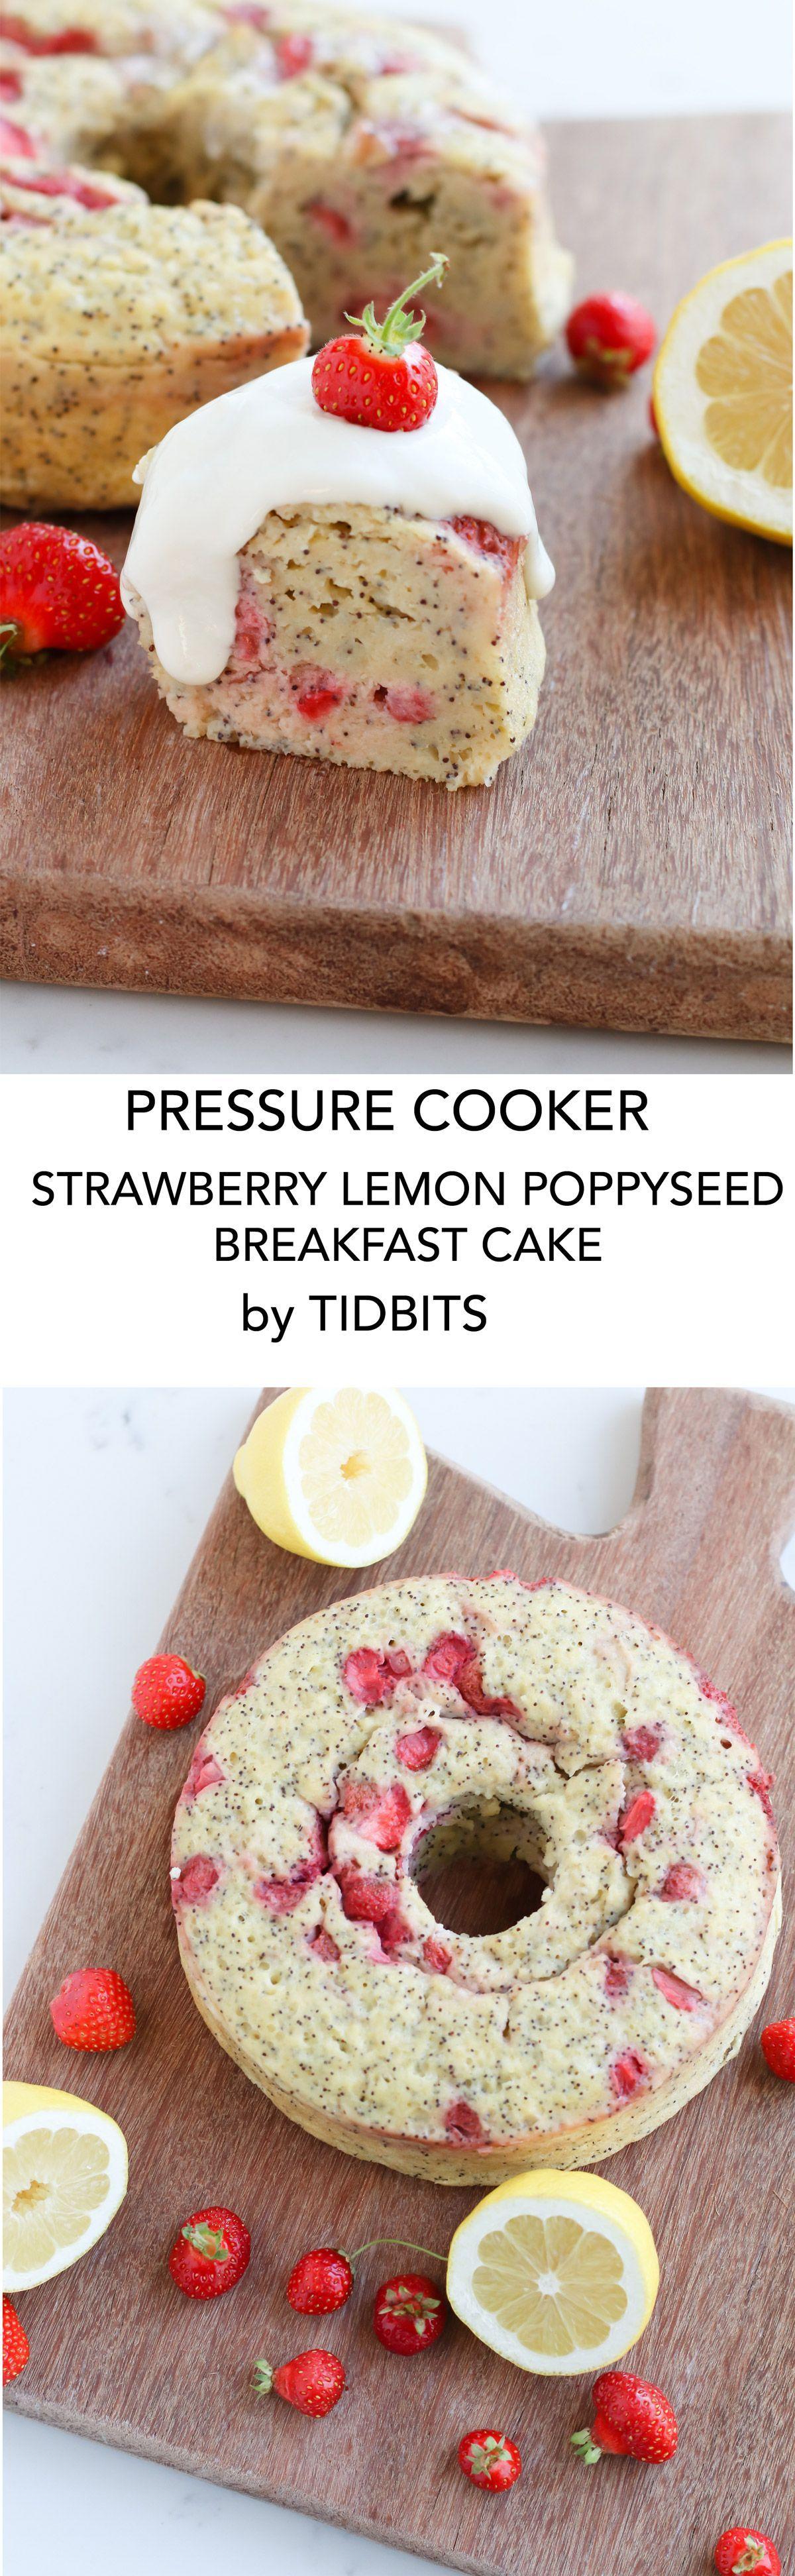 Pressure cooker strawberry lemon poppyseed breakfast cake